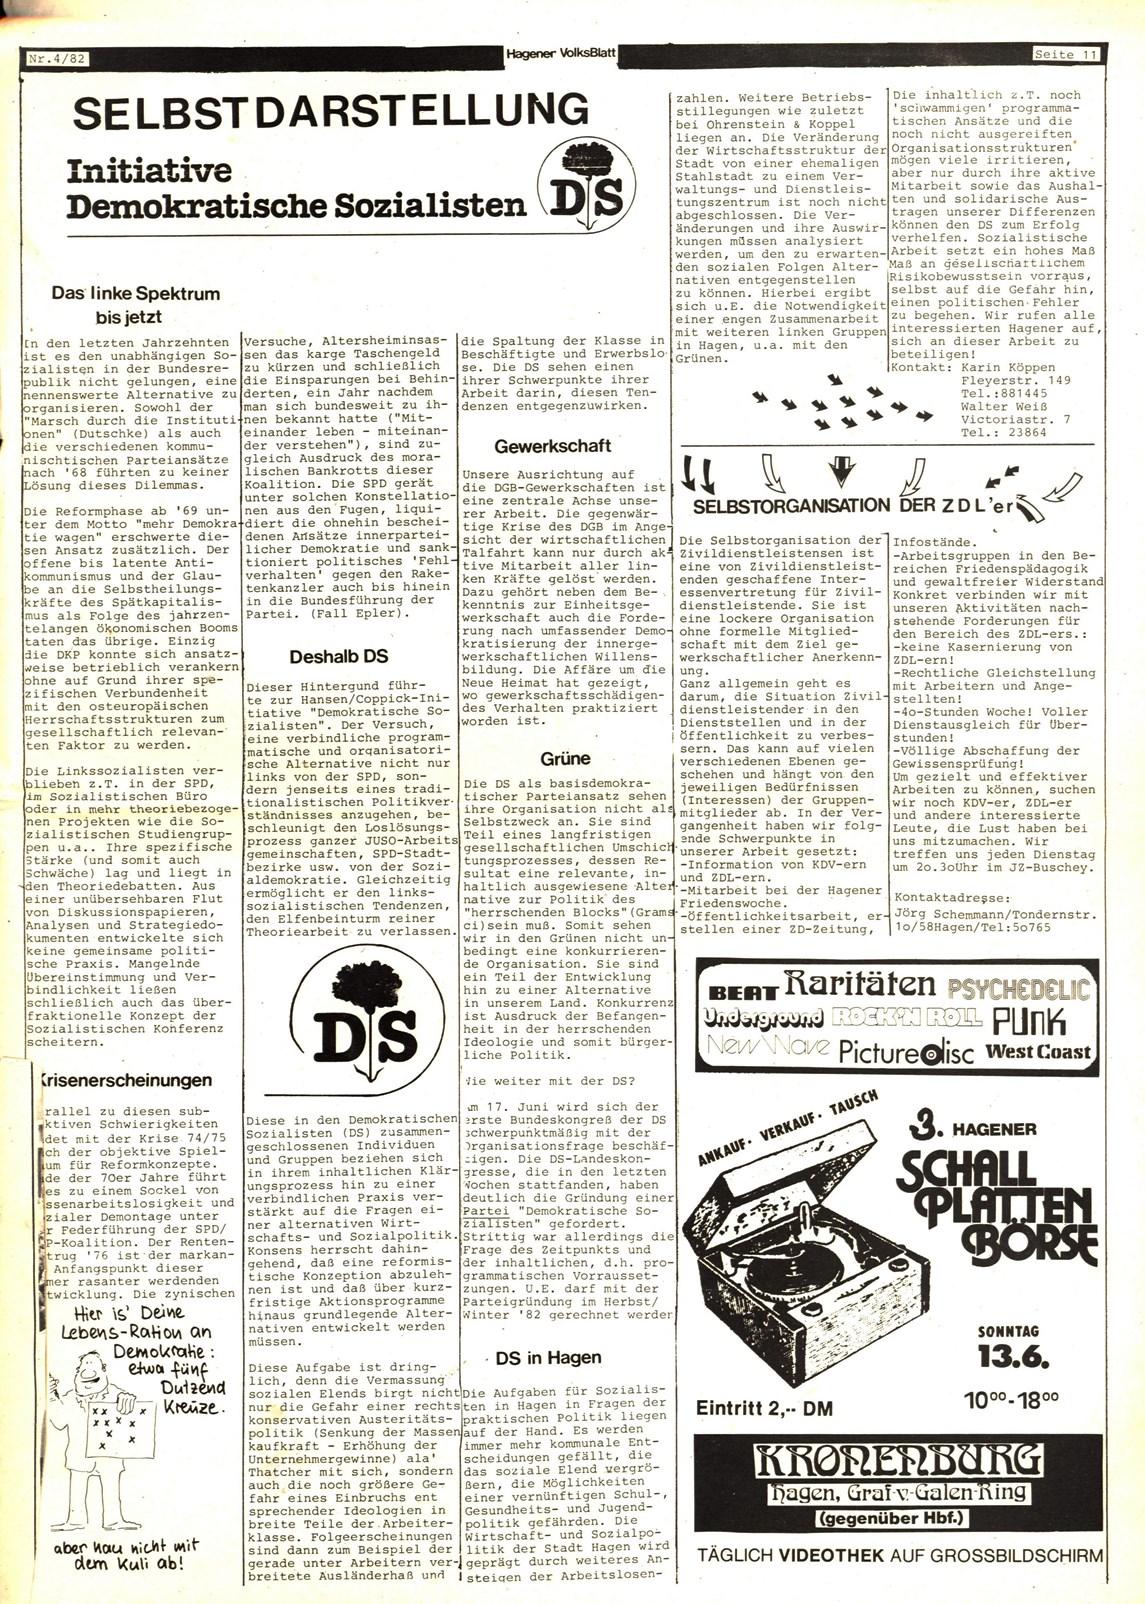 Hagen_Volksblatt_19820600_11